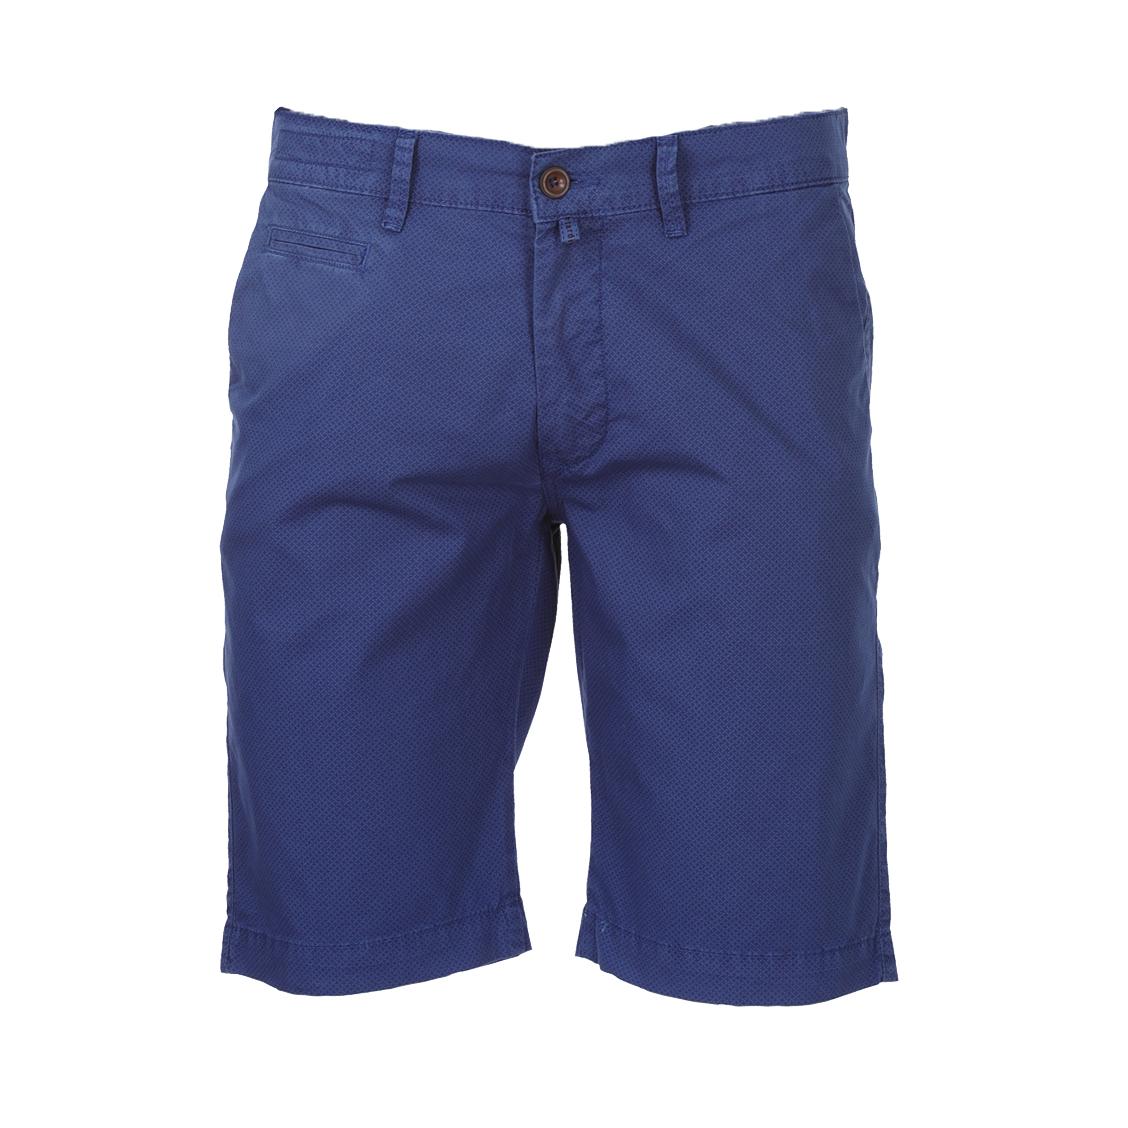 Short chino  lyon en coton stretch bleu indigo à micro motifs bleu pétrole